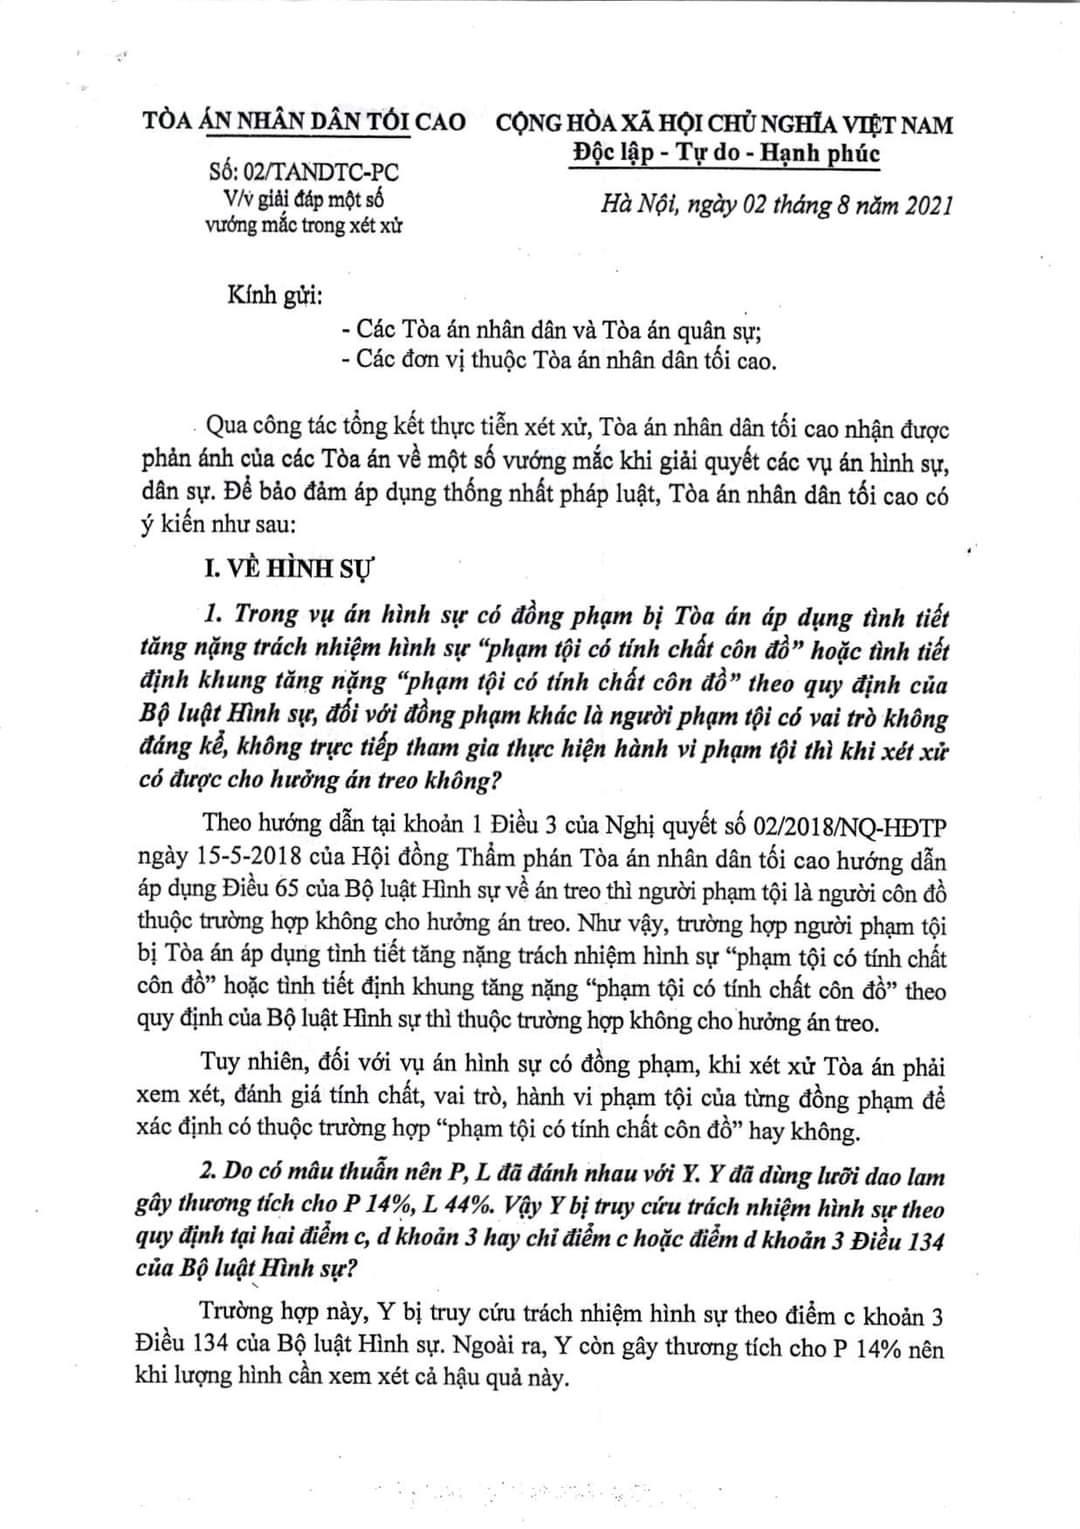 Công văn số 02/tandtc-pc về việc giải đáp một số vướng mắt trong hoạt động xét xử ngày 02/8/2021